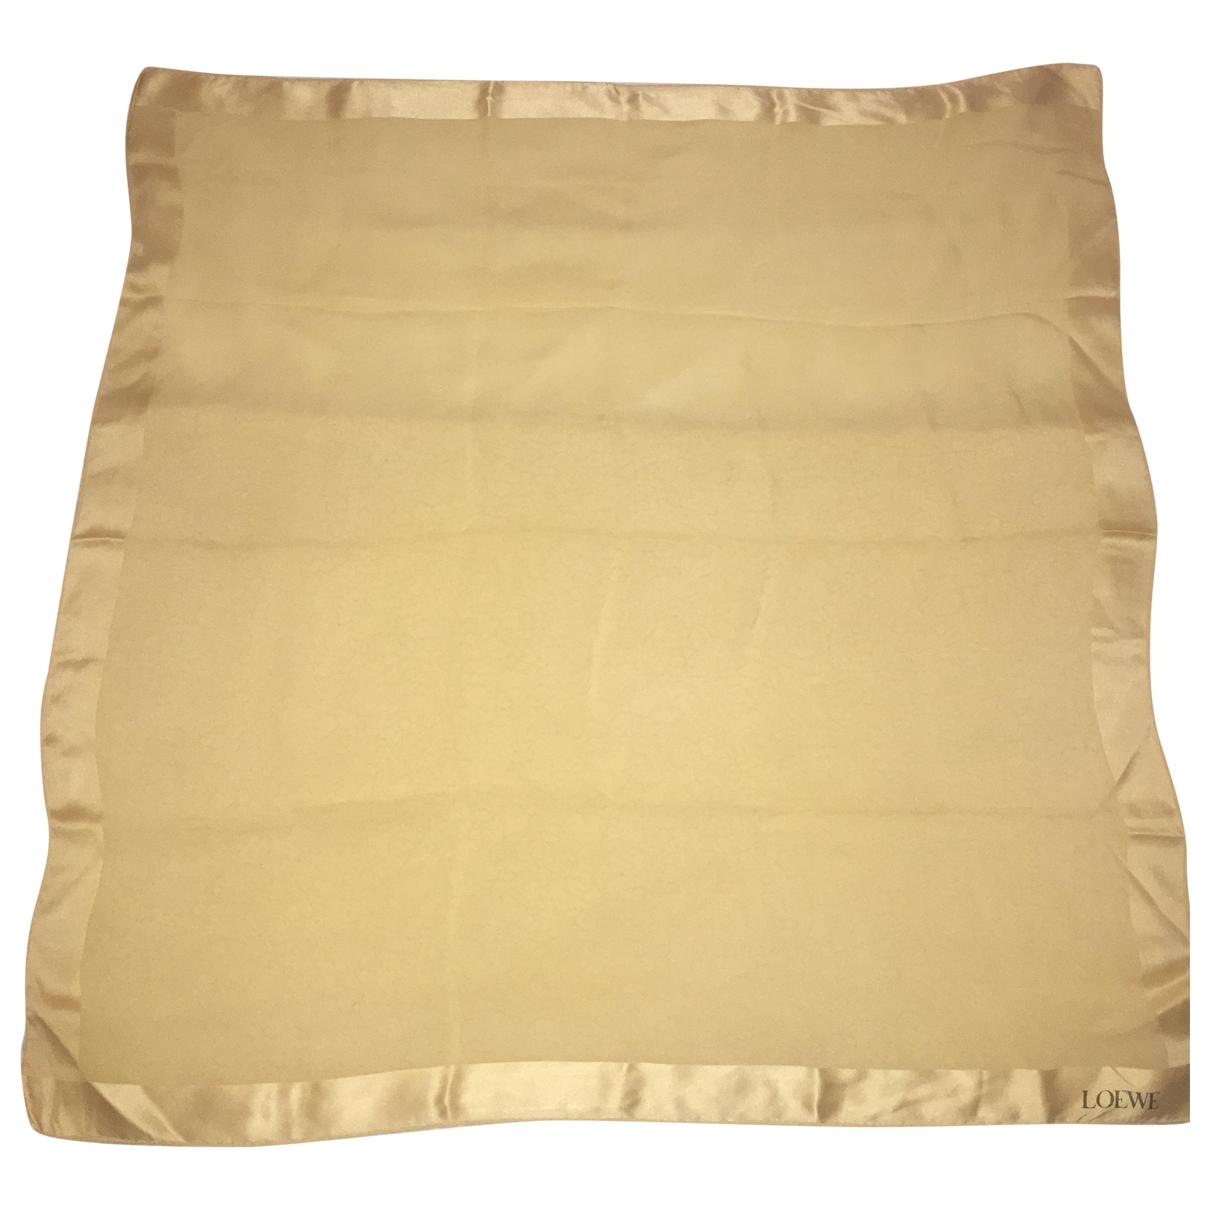 Loewe \N Gold Silk scarf for Women \N